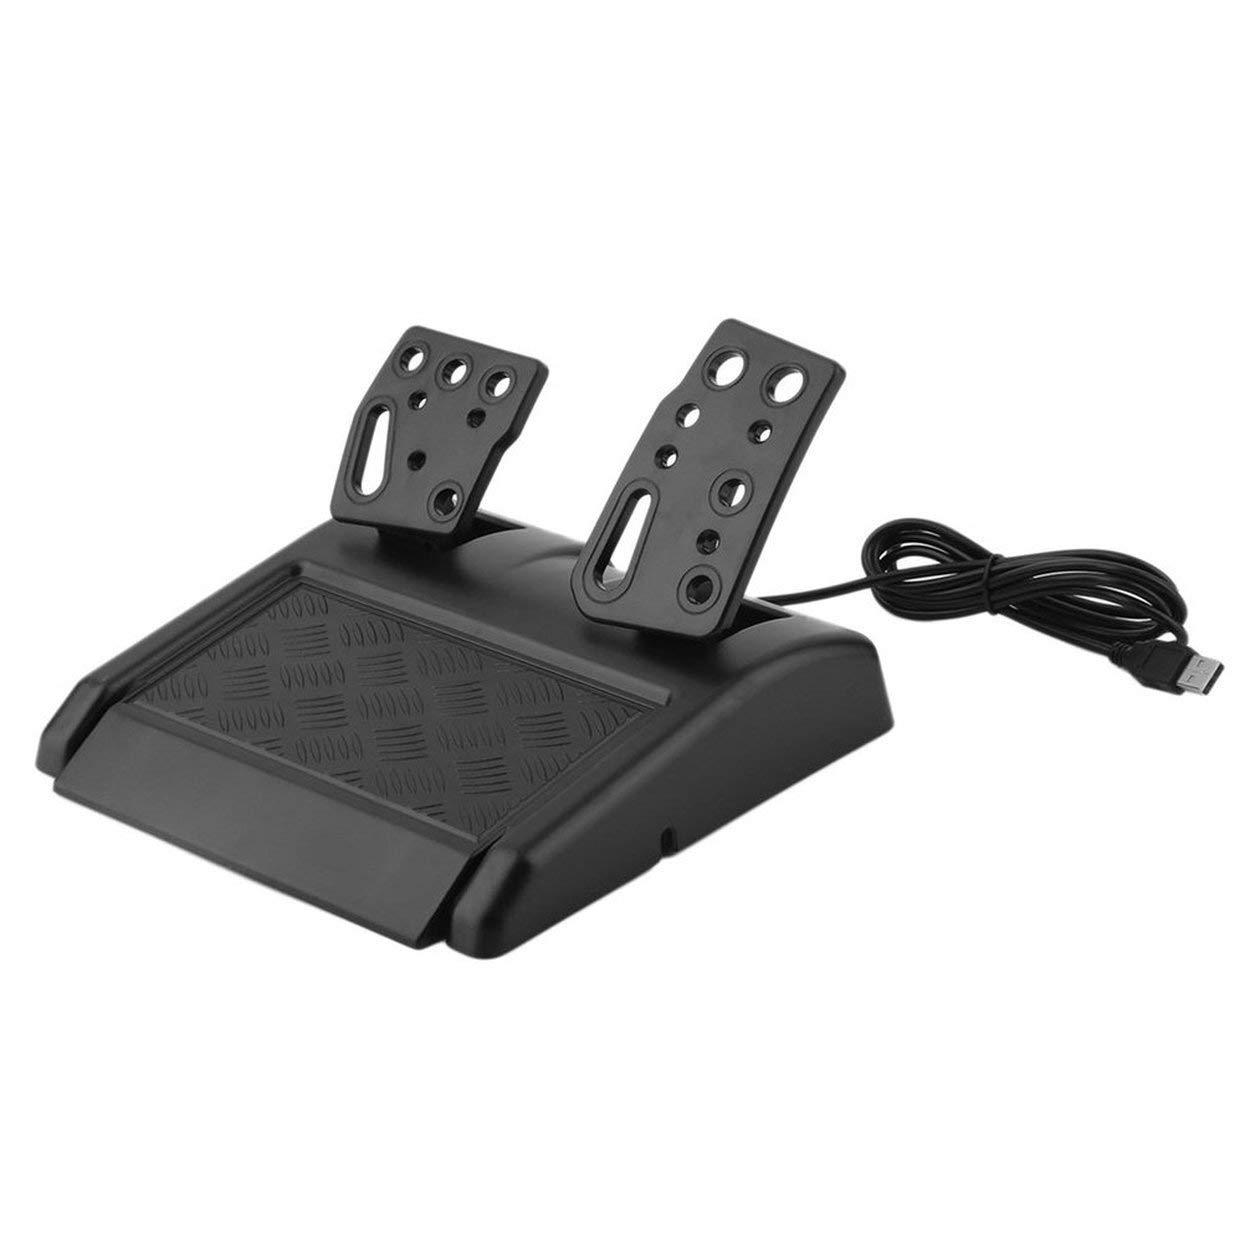 Dailyinshop 180 Grados de rotaci/ón del Volante ABS Gaming vibraci/ón Que compite con los Pedales